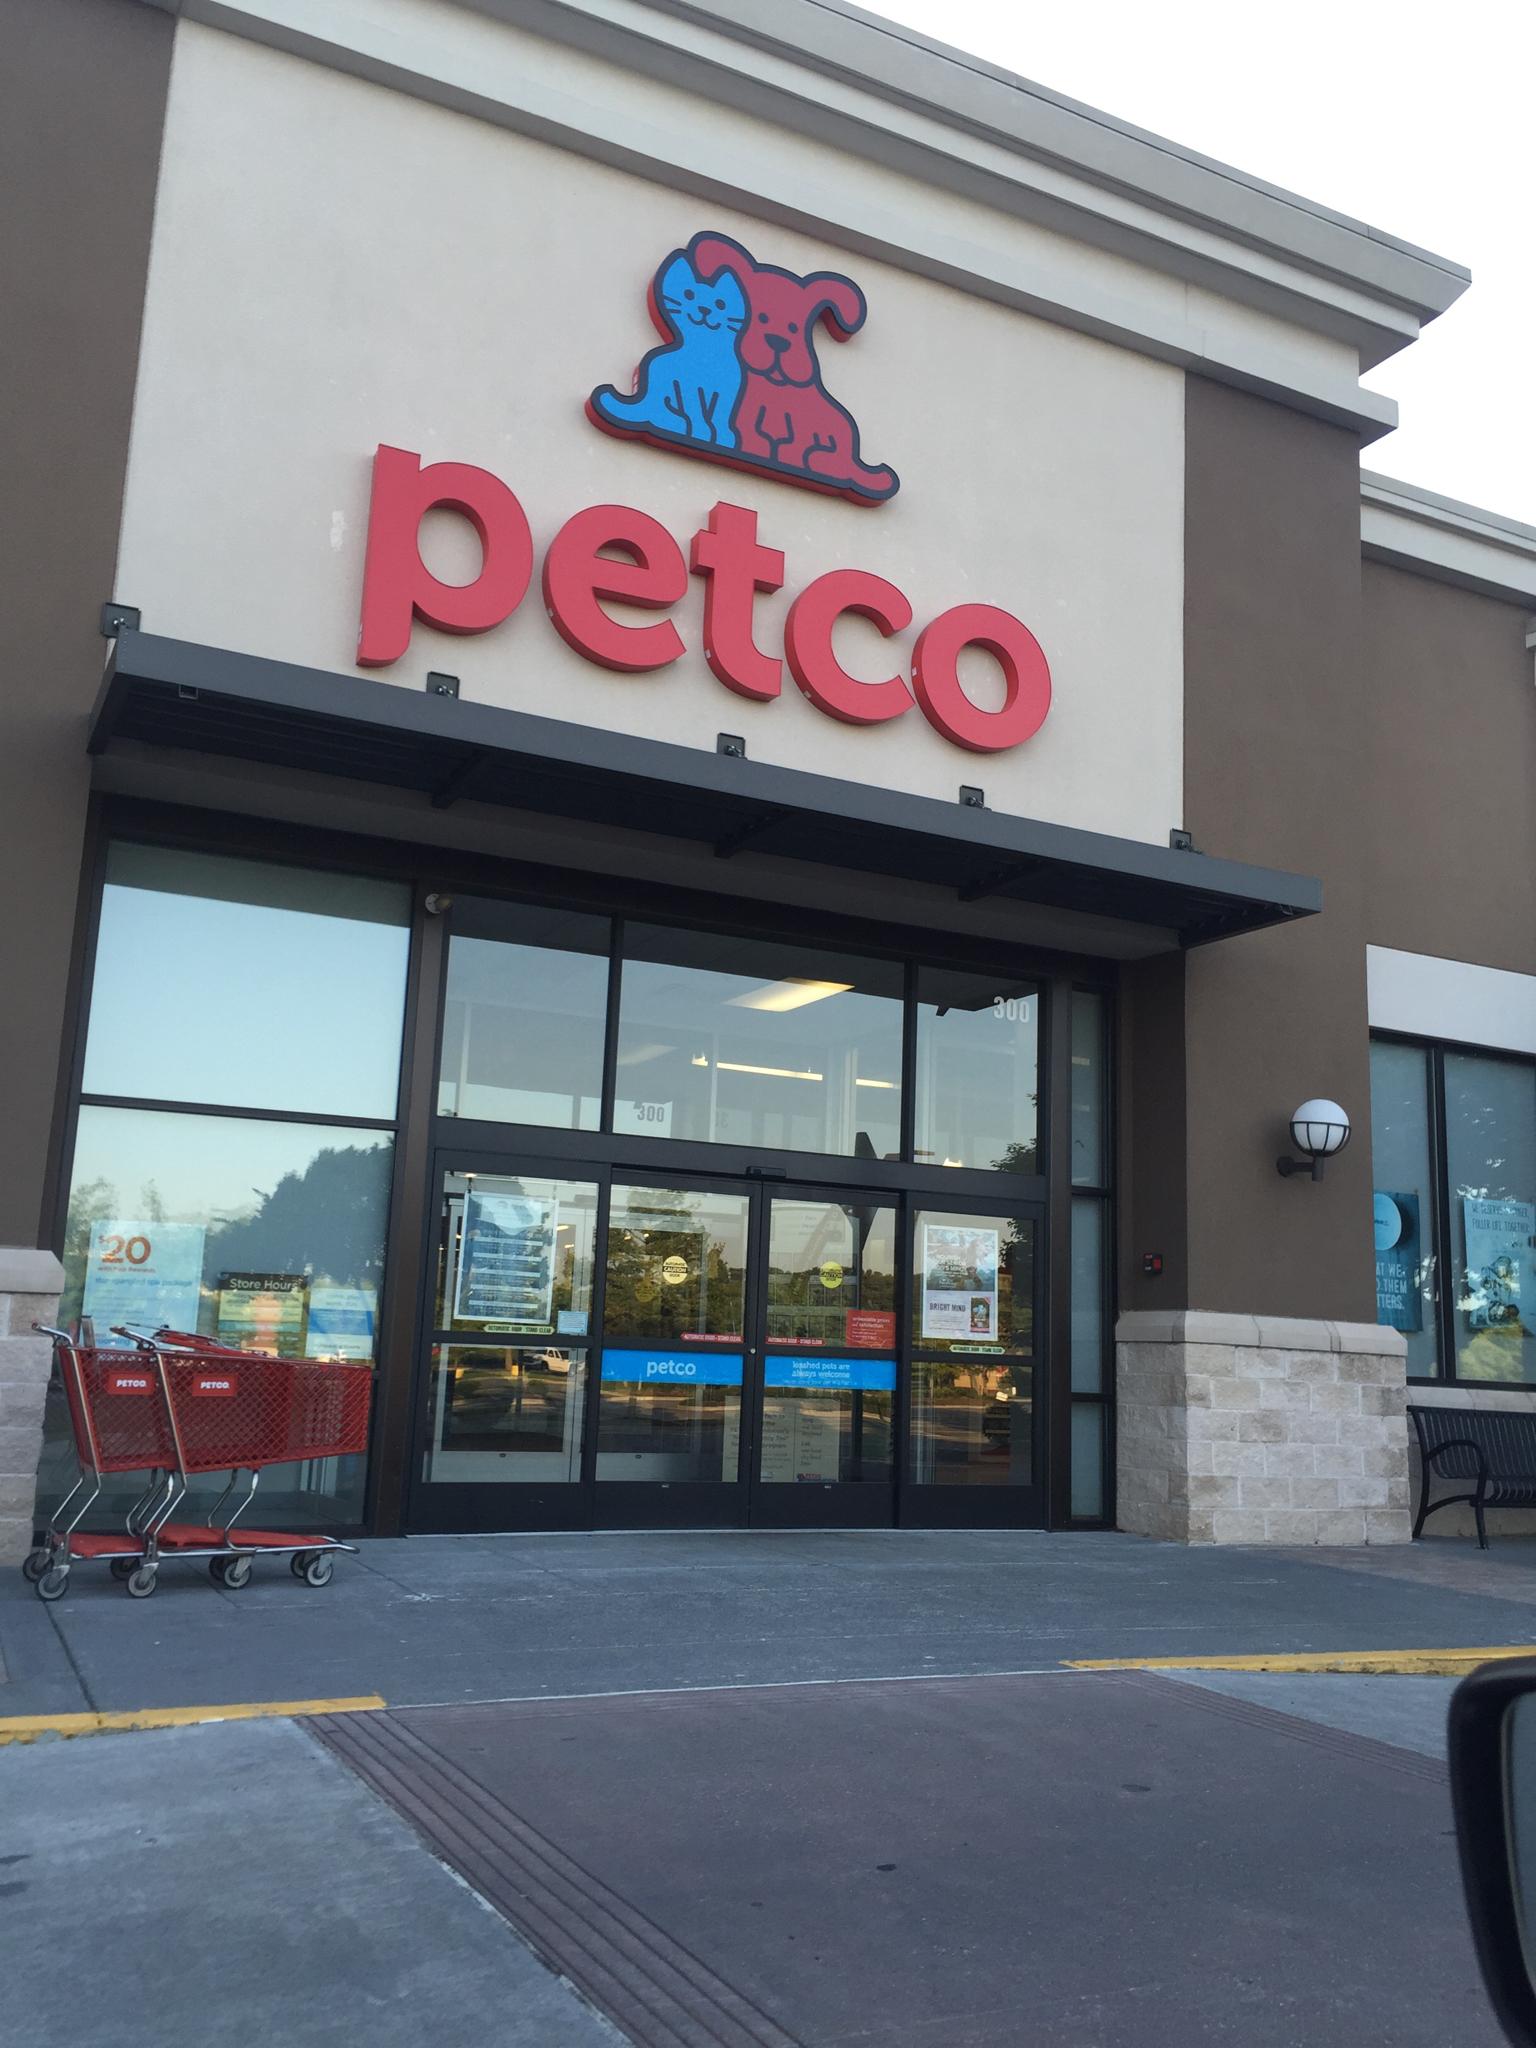 Petco 3372 Cobb Pkwy NW Ste 300, Acworth, GA 30101 - YP com